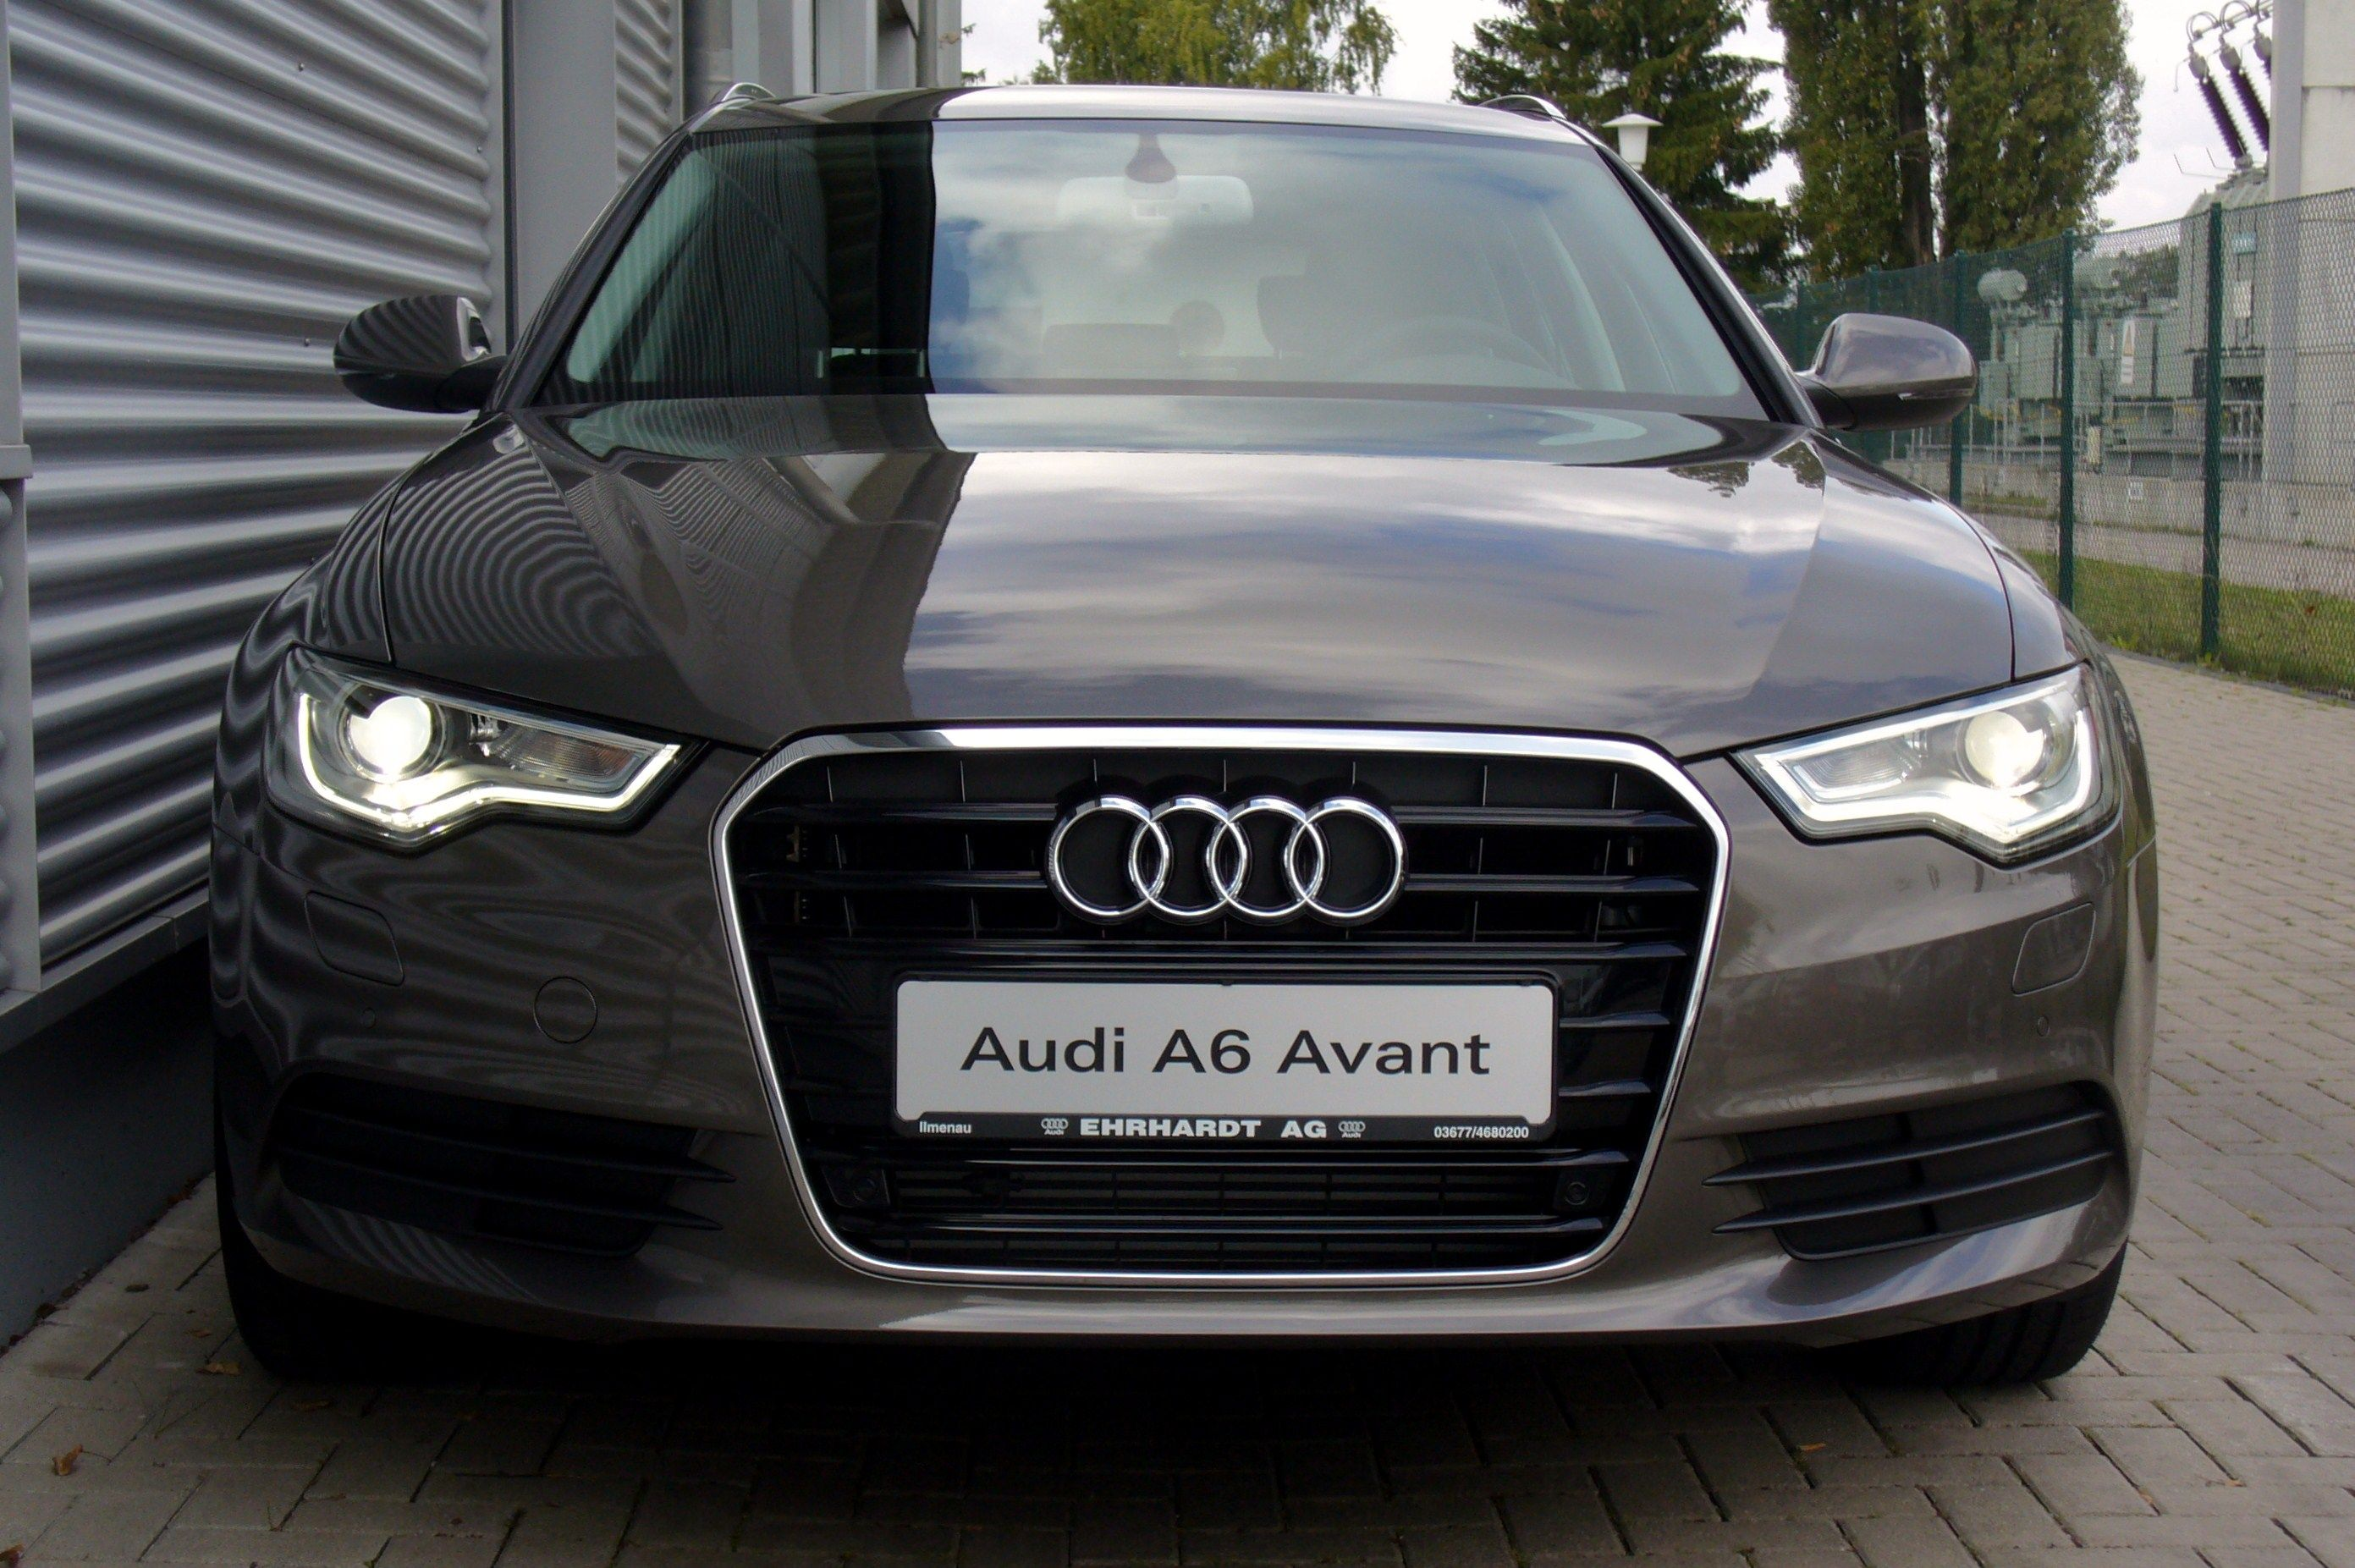 Audi a6 avant 2 0 tdi hd wallpaper